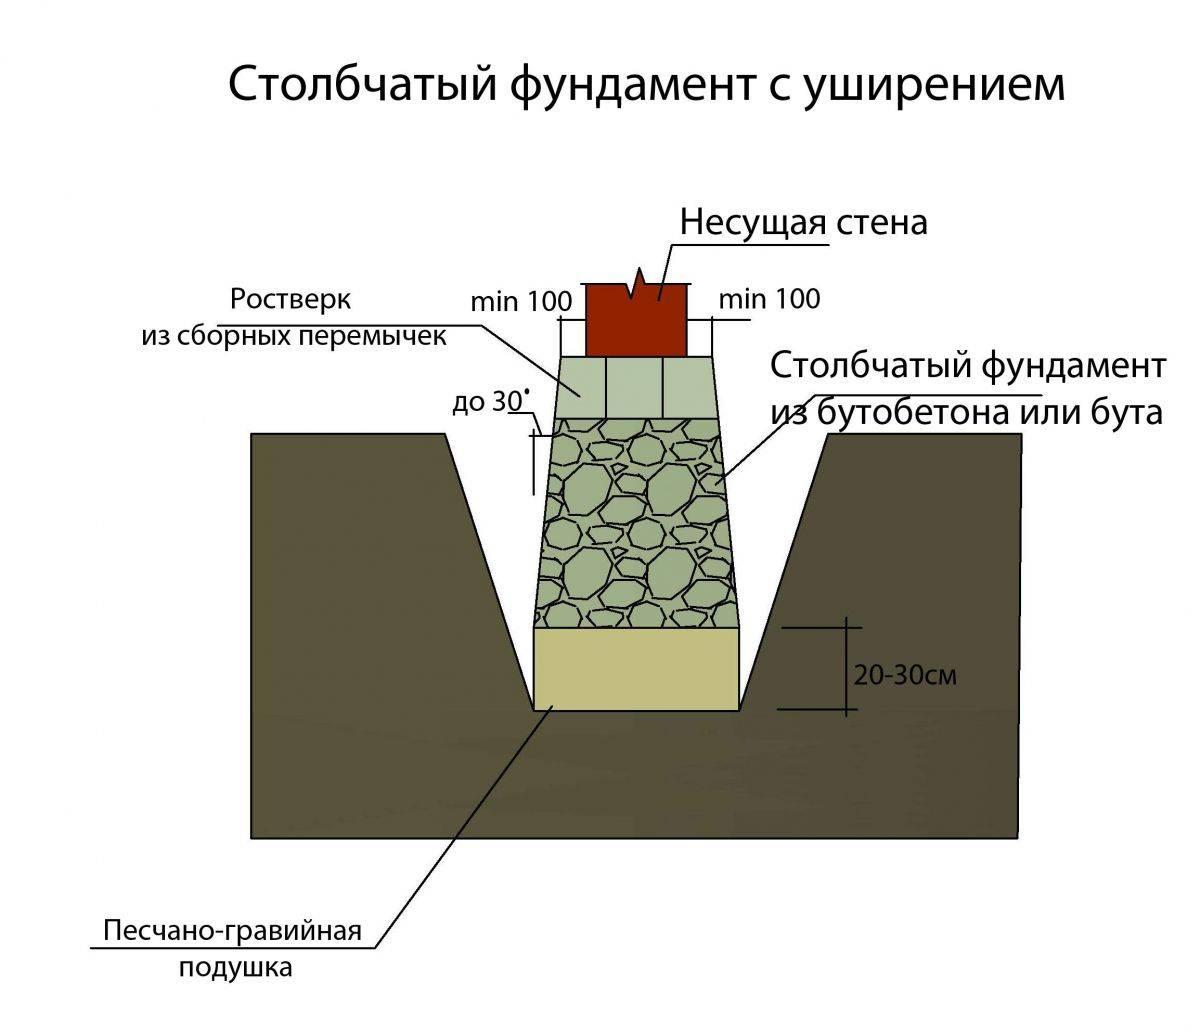 Баня на столбчатом фундаменте как утеплить